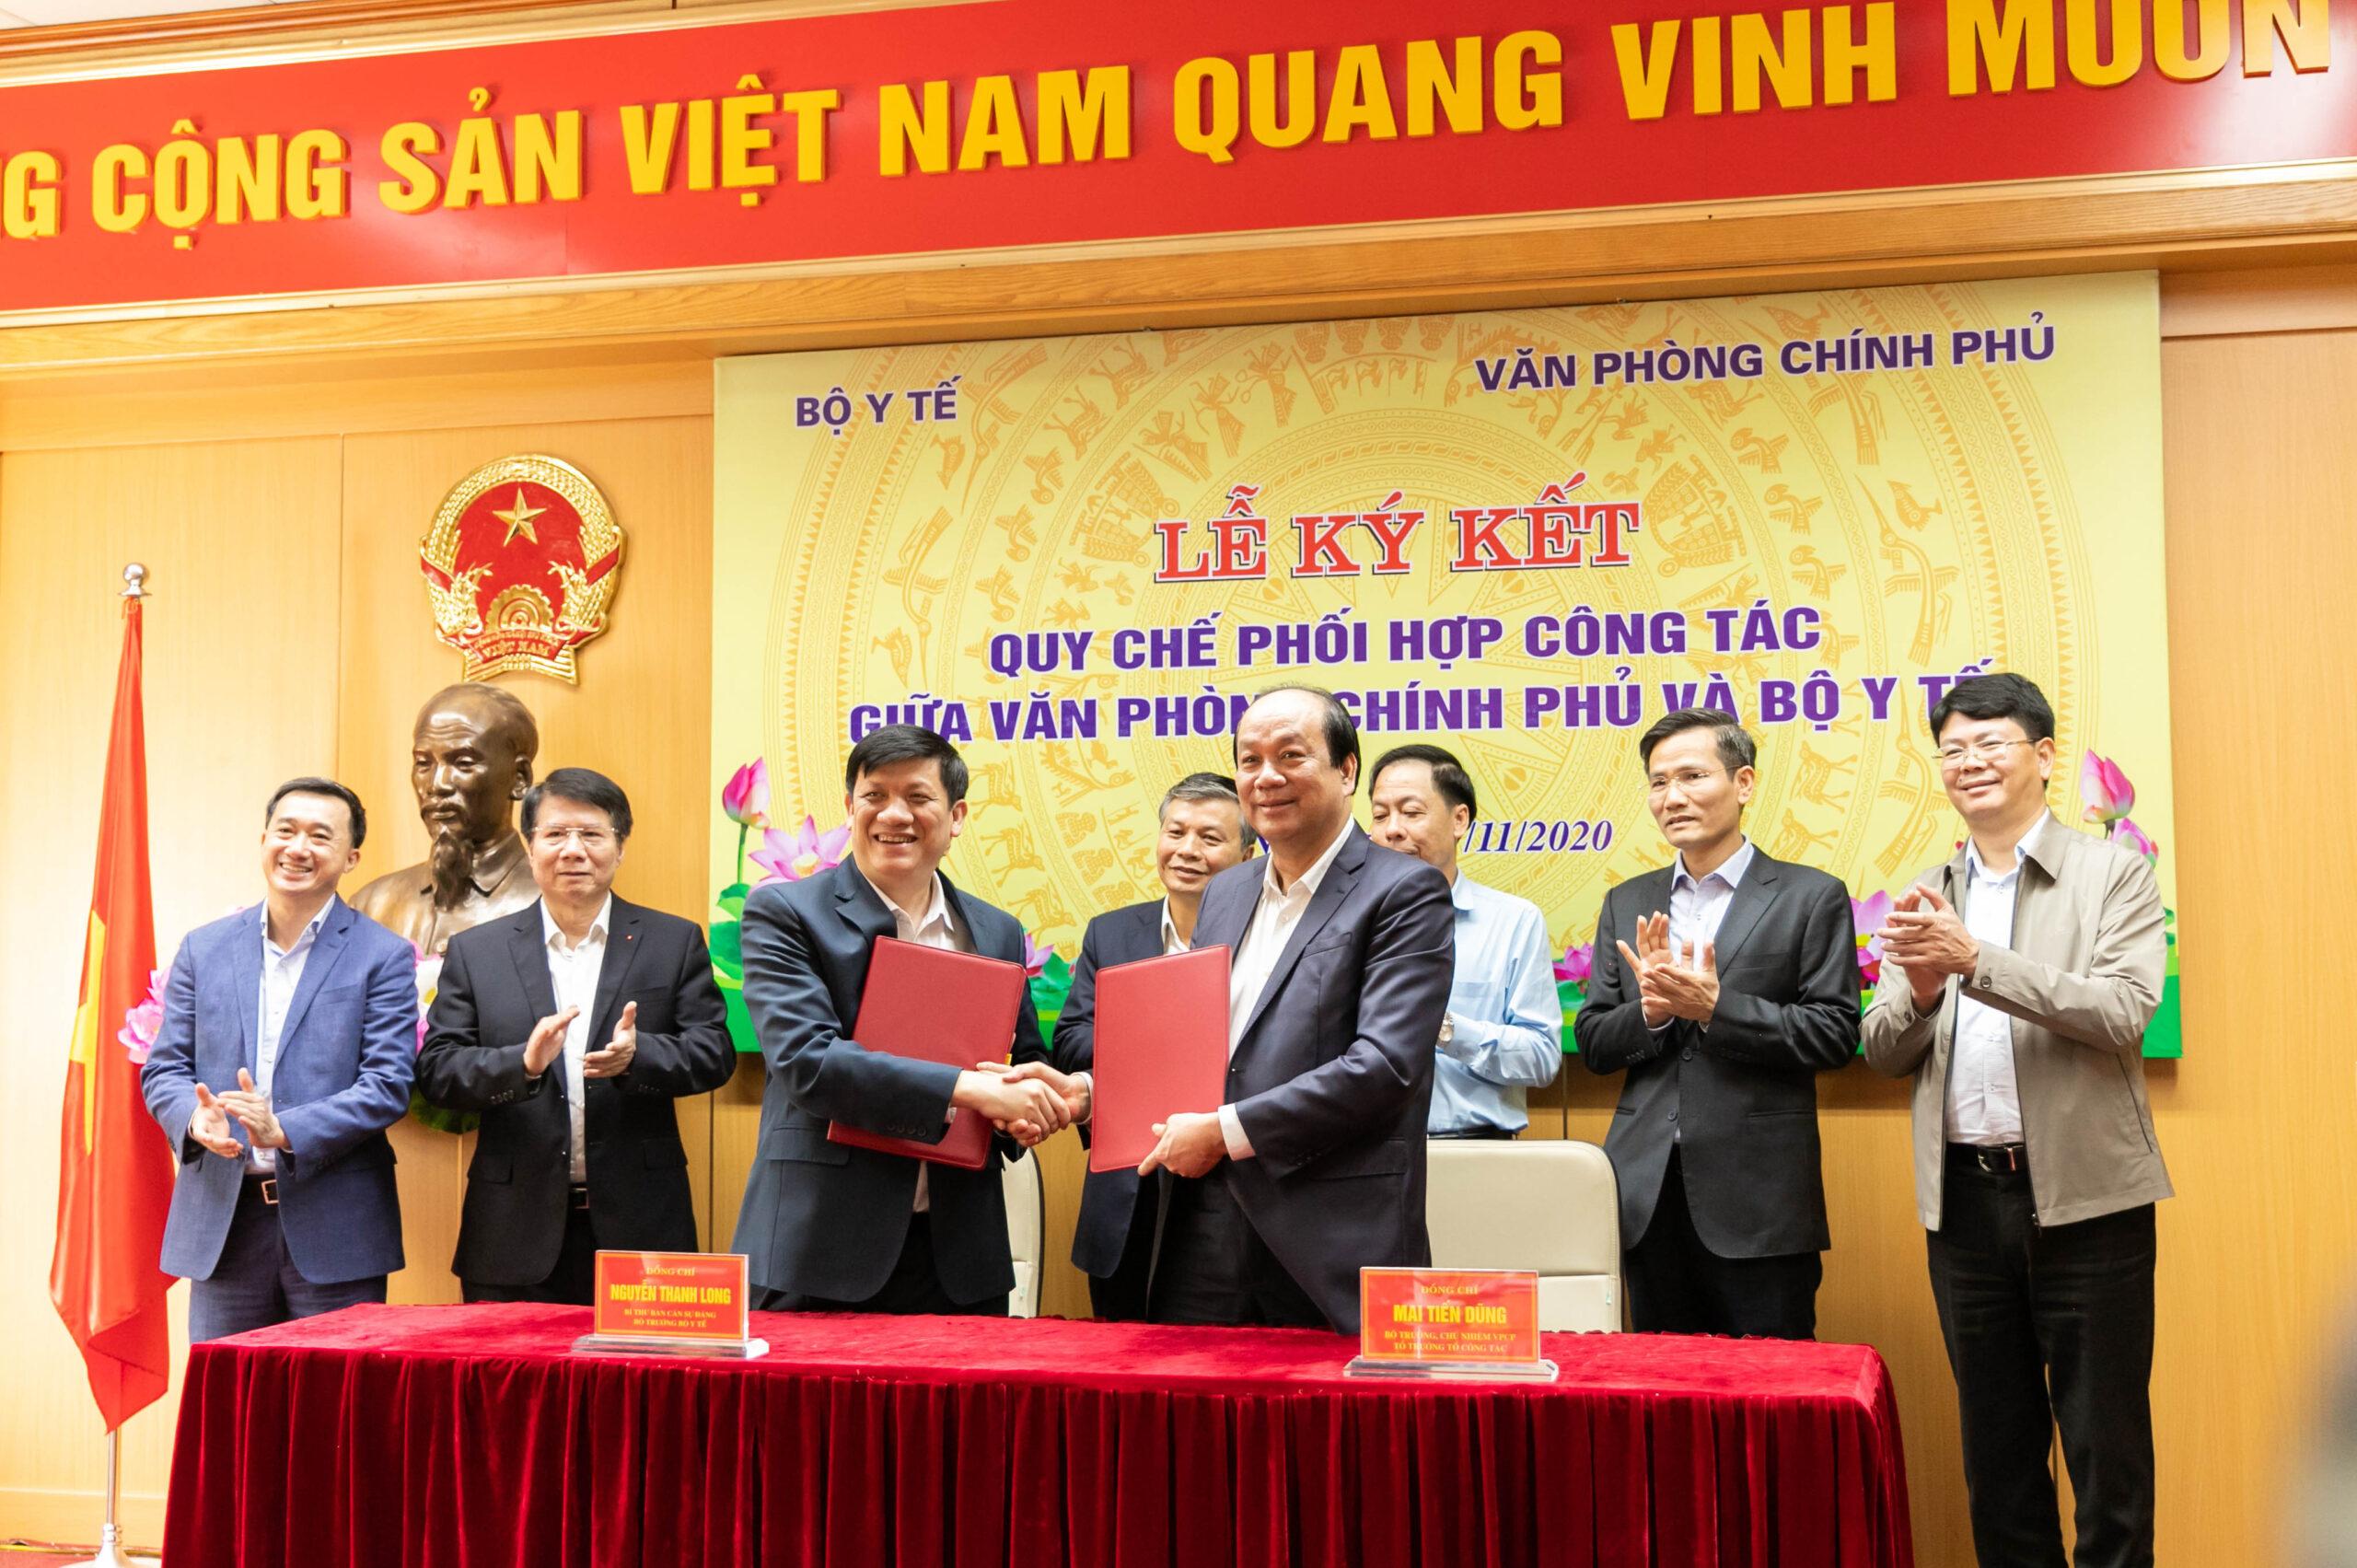 VPCP và Bộ Y tế đồng chủ trì chương trình Chuyển đổi số y tế quốc gia